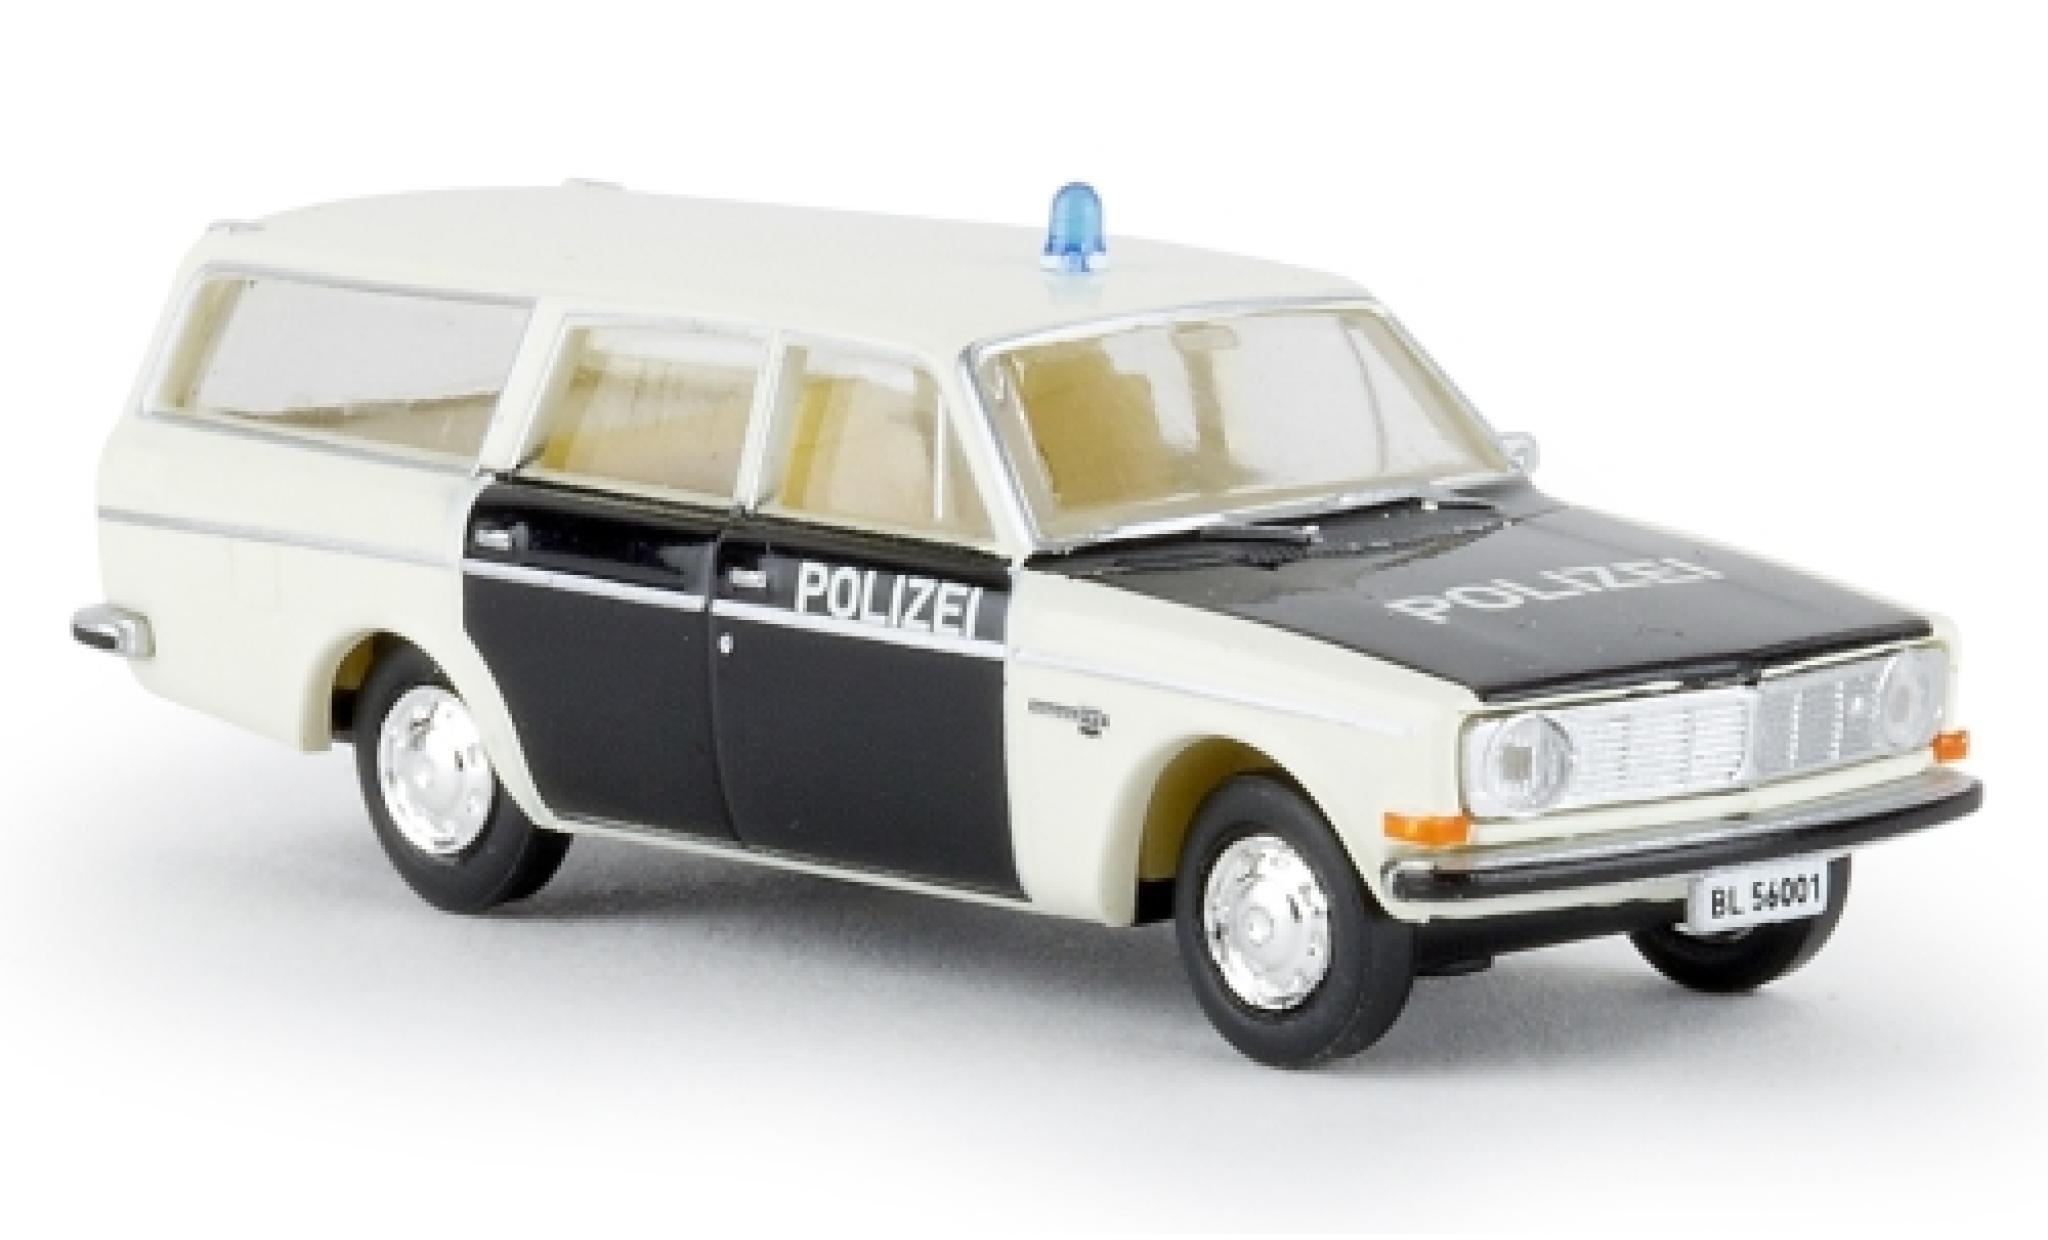 Volvo 145 1/87 Brekina Kombi Polizei Baselland camionnette sans Vitrine